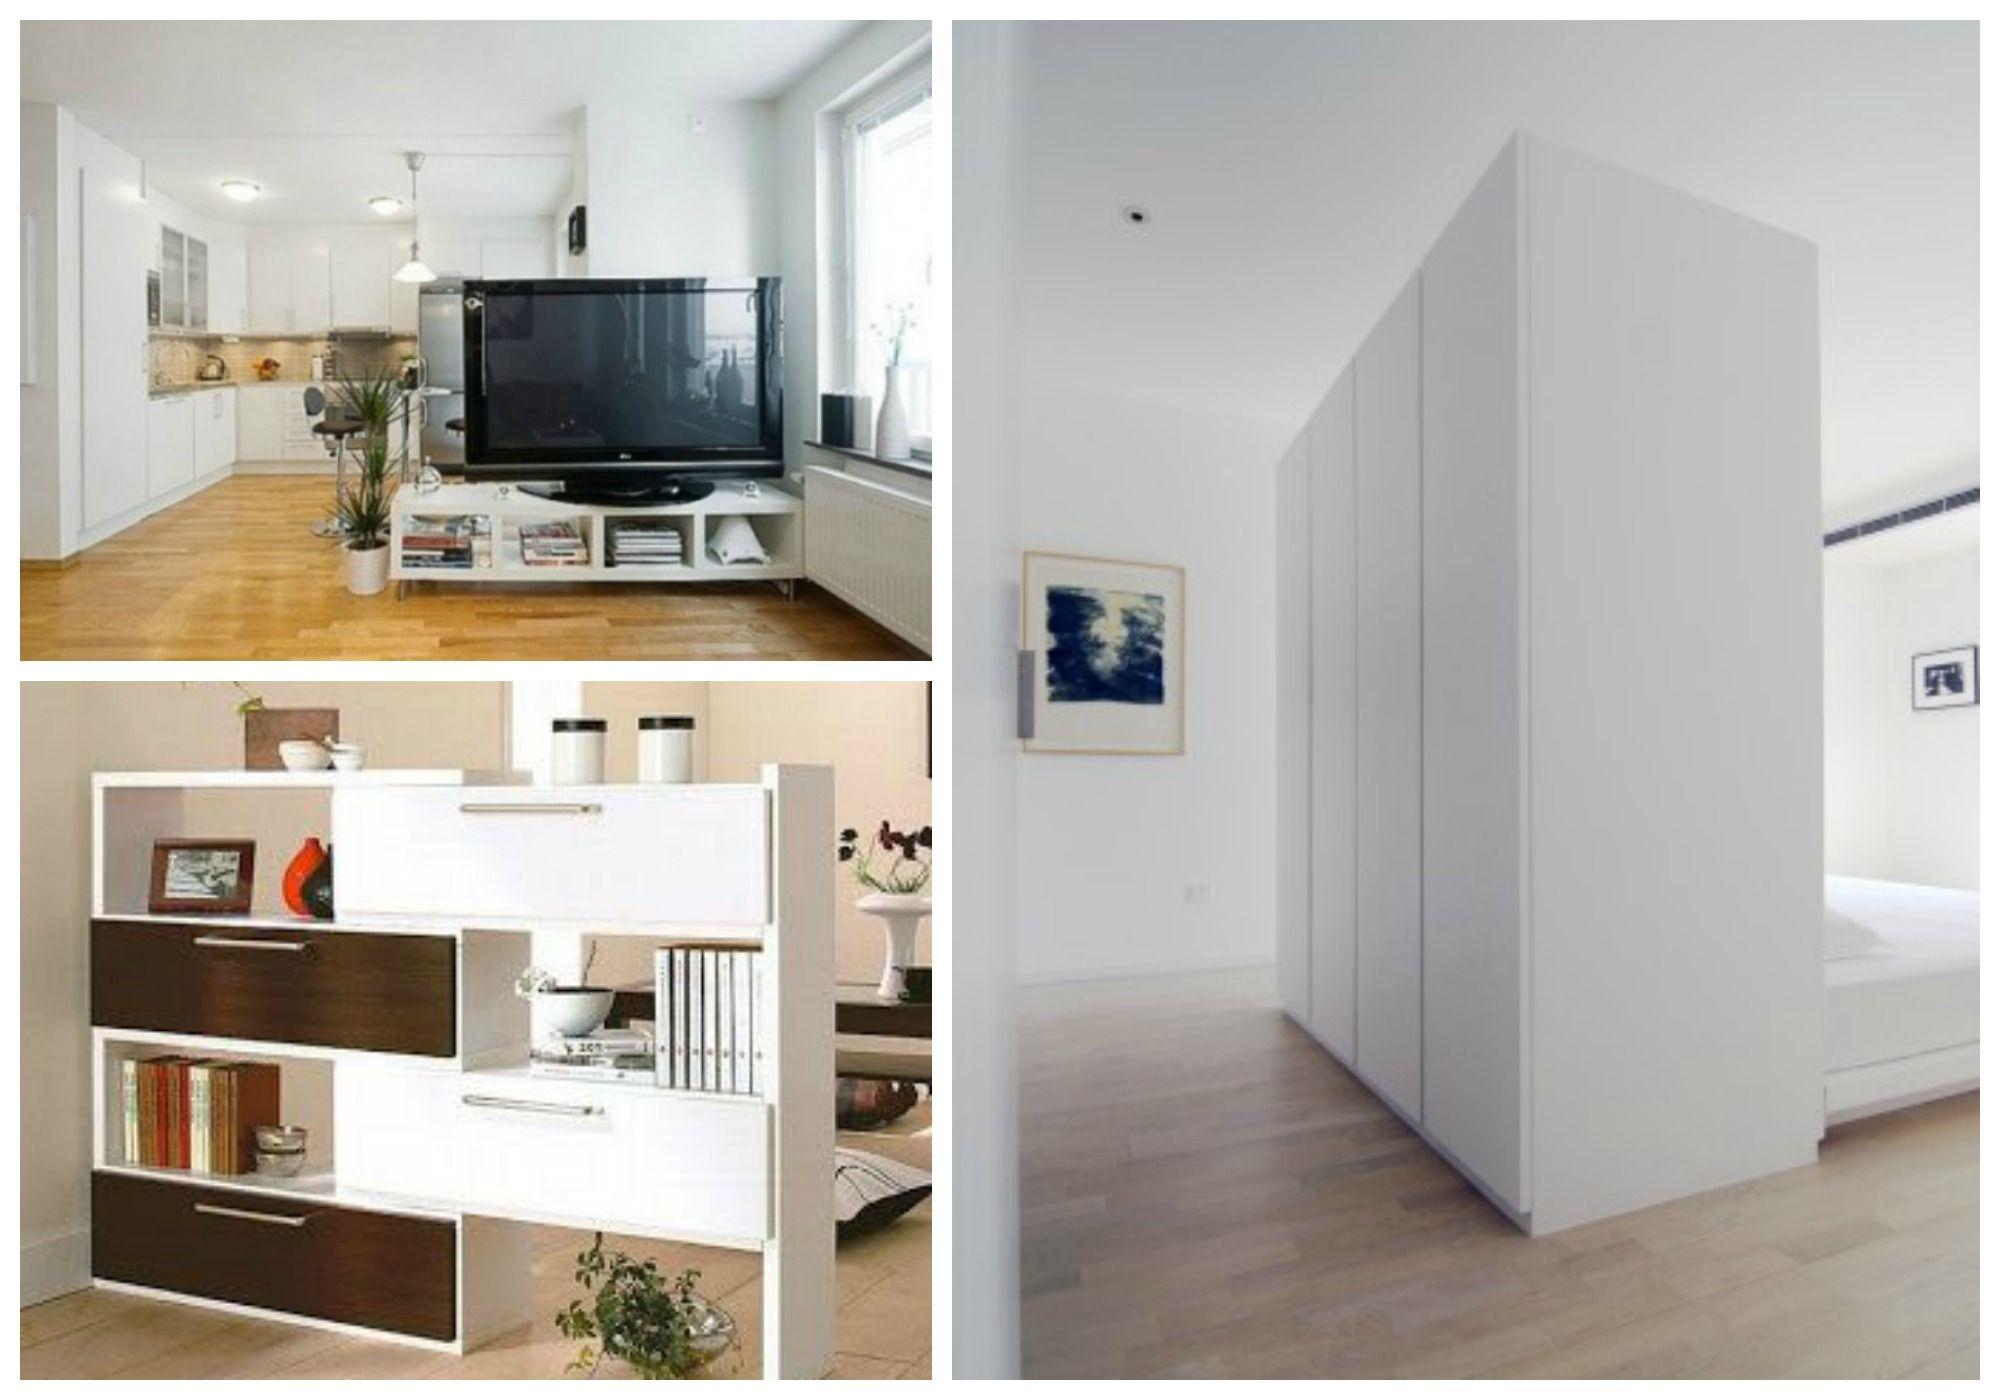 Separar ambientes sin paredes - Muebles a la carta | interiores ...